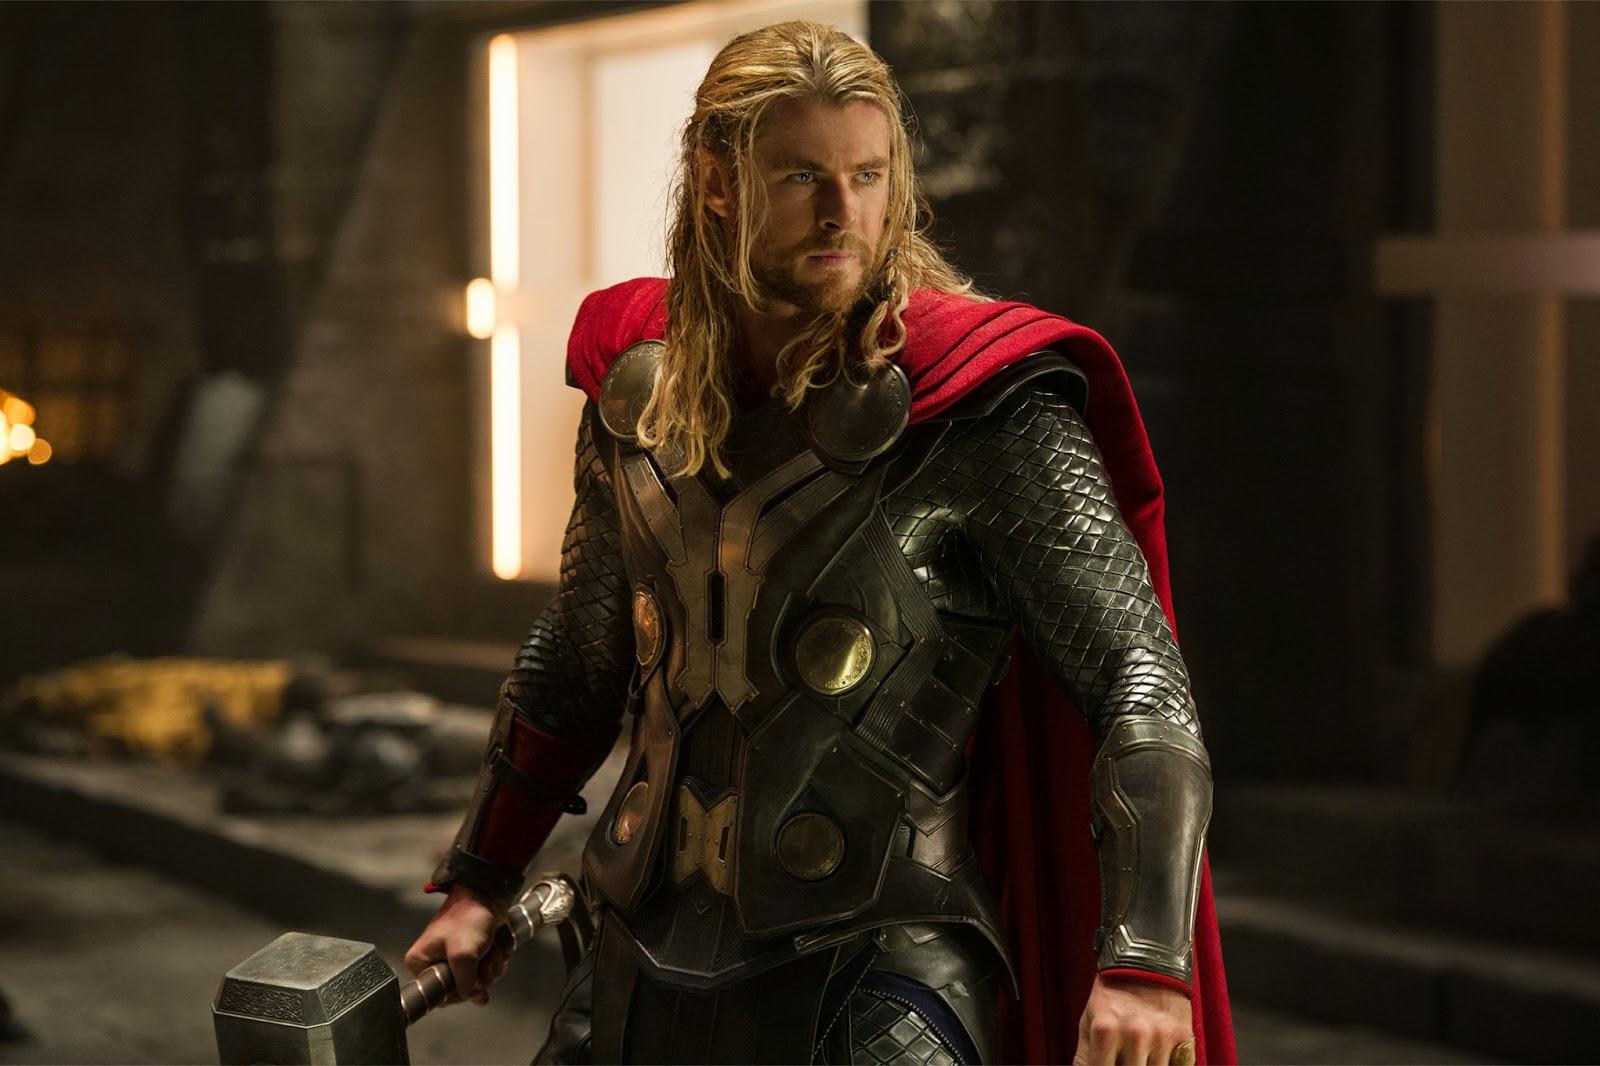 Thor's hammer Mjolnir Toilet paper holder : ようやく手にした大事なトイレットペーパーだから、ヒーロー扱いしてやりたい ! ! というマーベル・ファンが待望の雷神ソーのハンマーのムジョルニア型のホルダー ! !